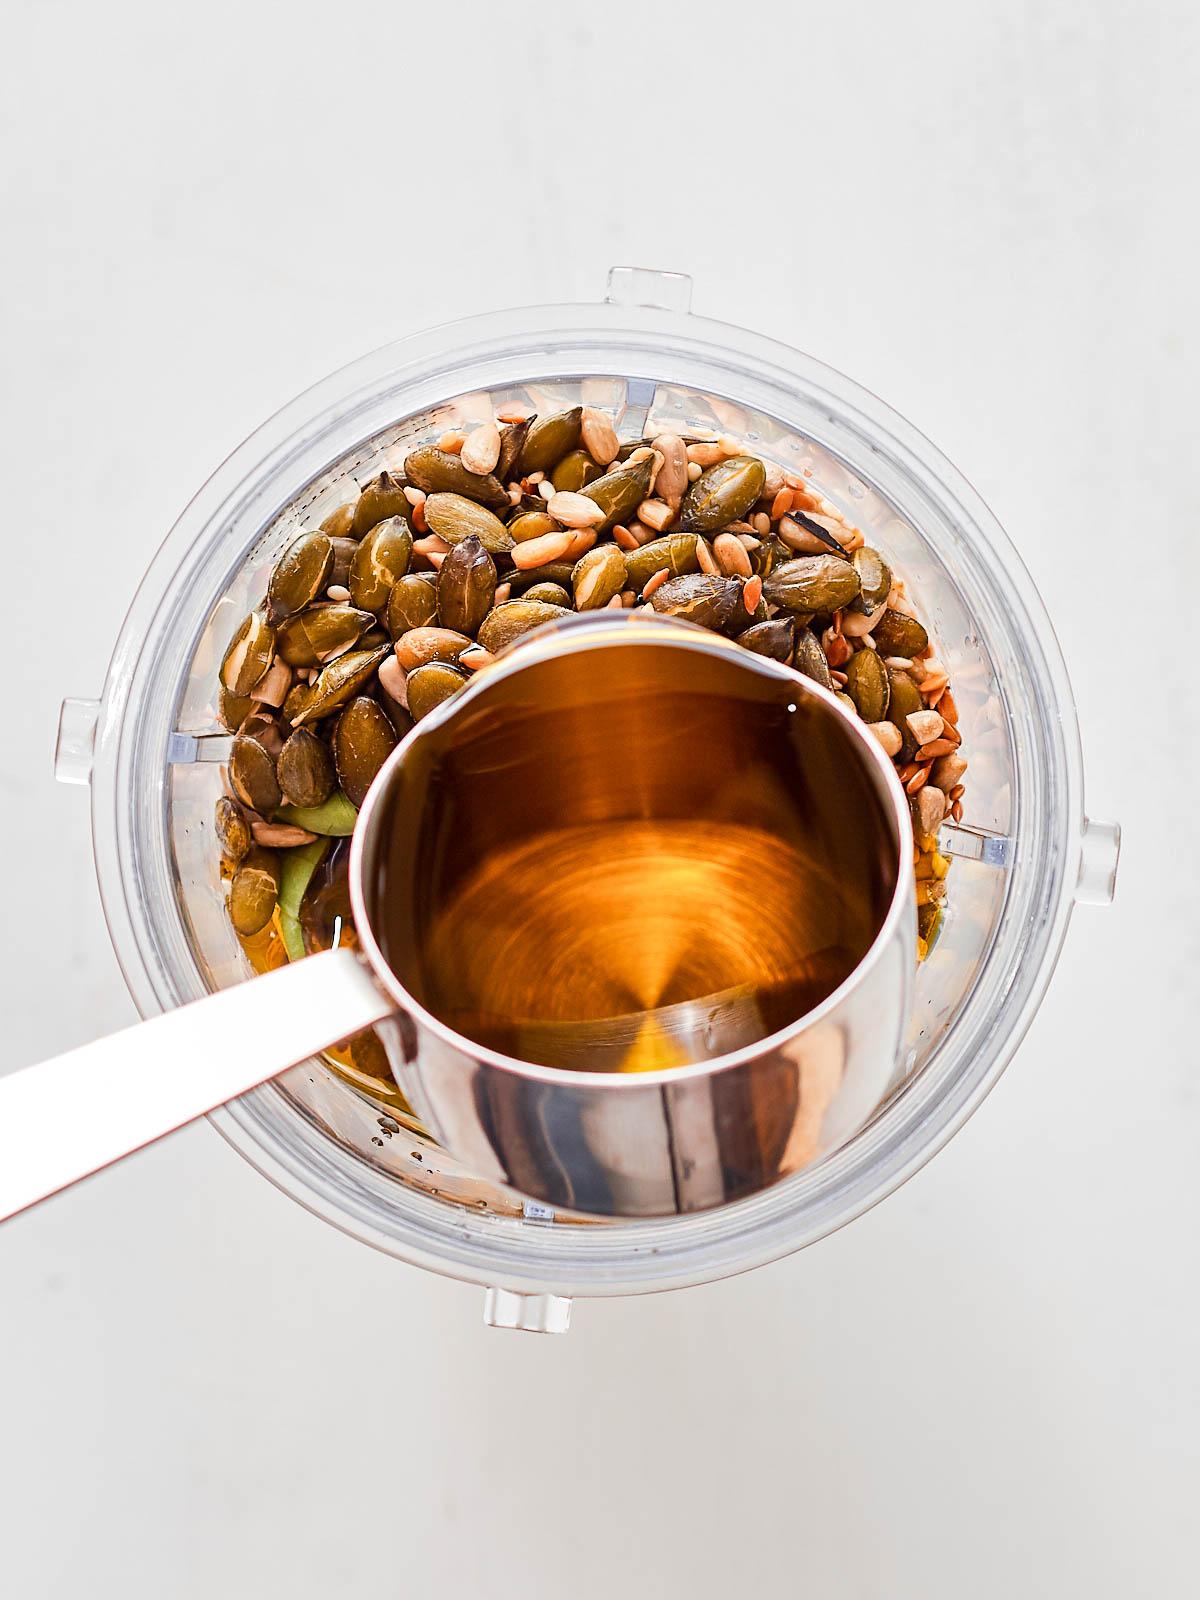 Adding olive oil to the blender